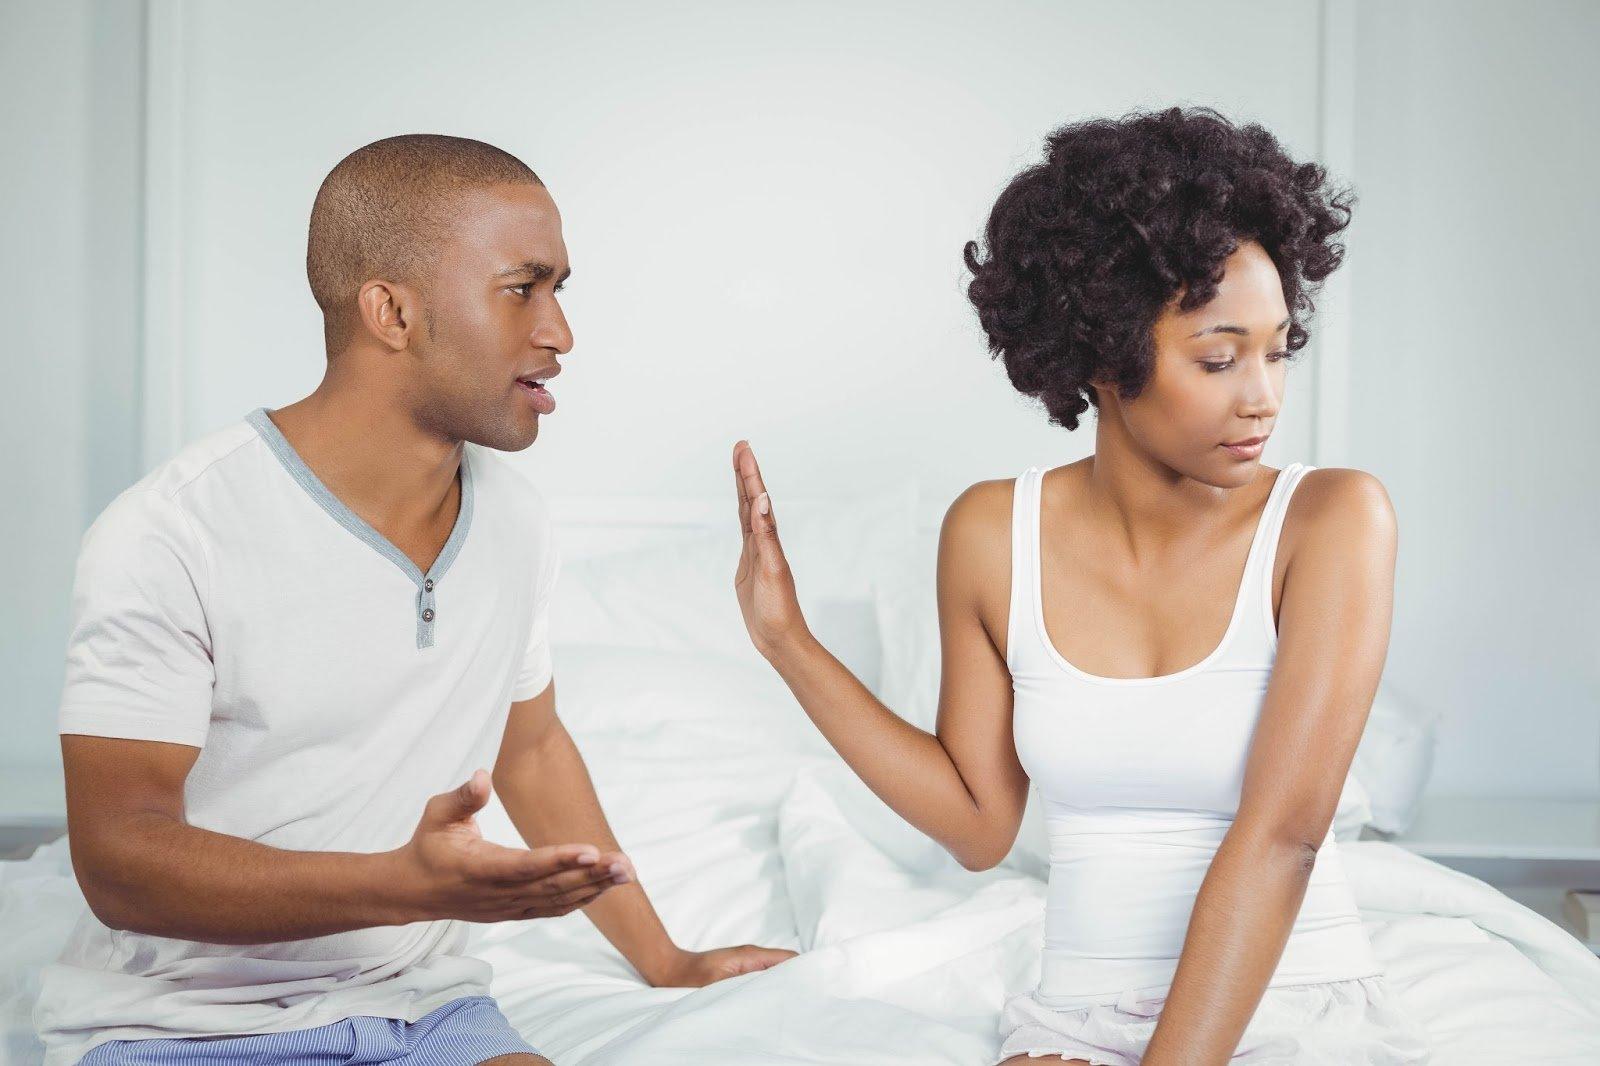 Do Men Feel Entitled To Sex?